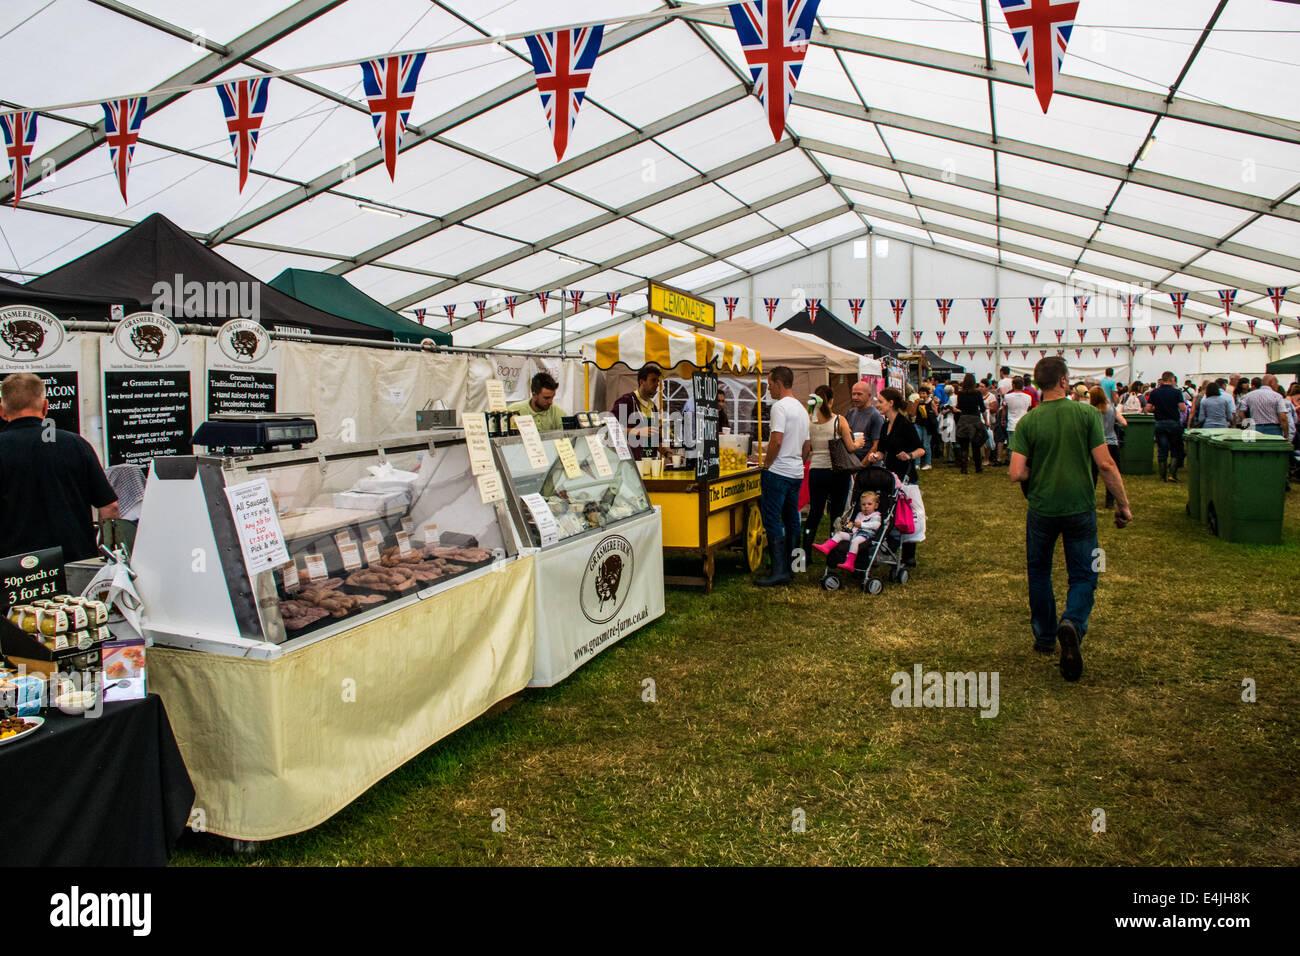 La nourriture tente au Kent County Show, 2014 Banque D'Images